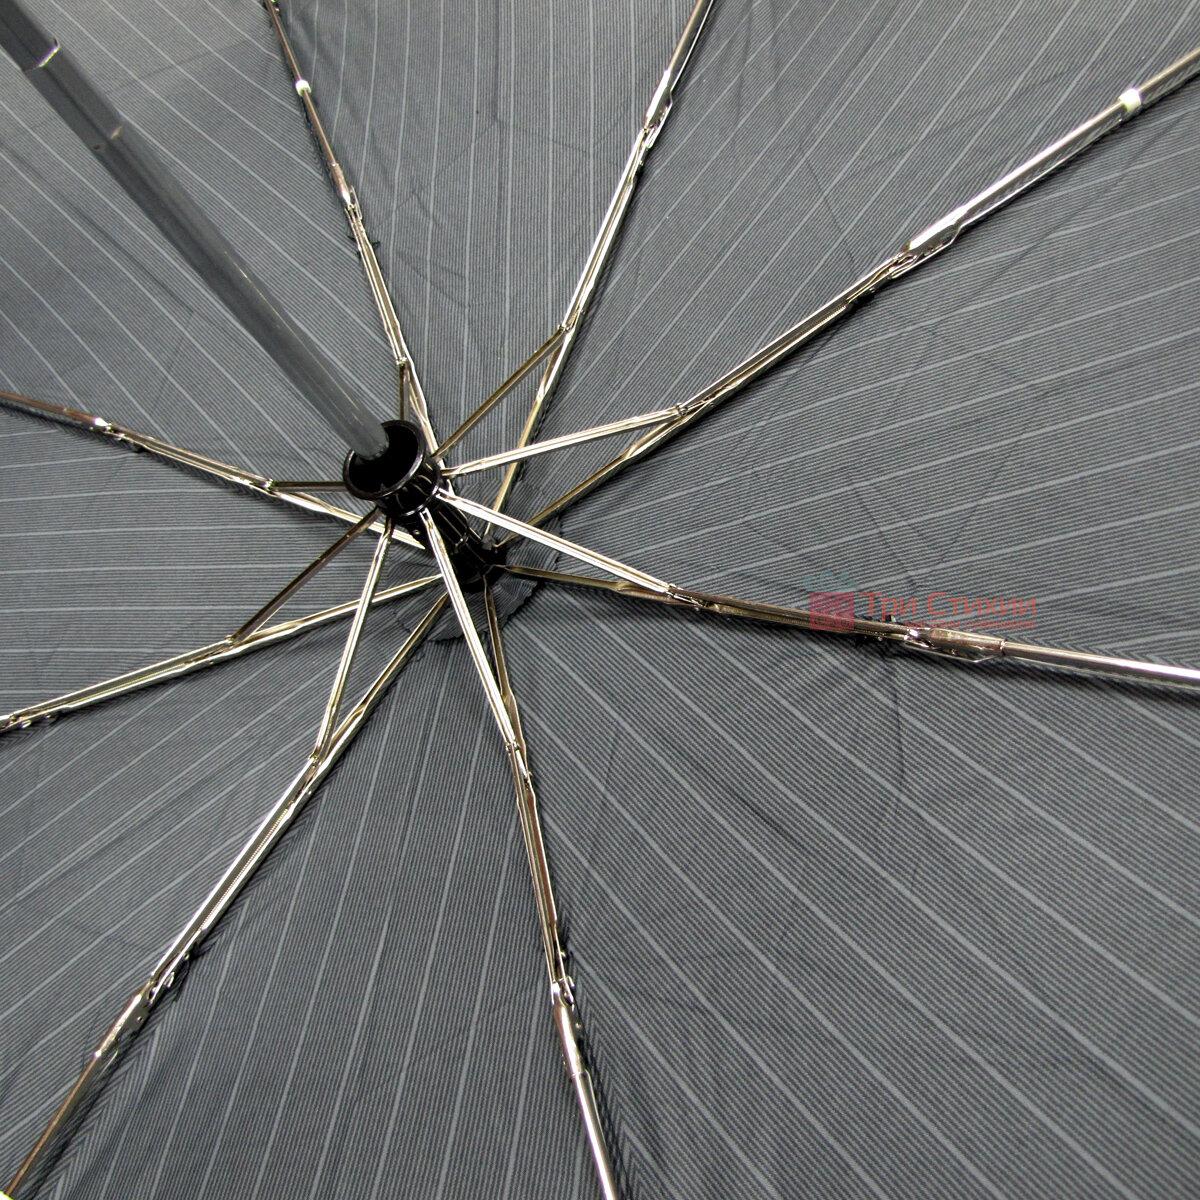 Зонт складной Doppler 74667G-2 полный автомат Широкая полоска, фото 2